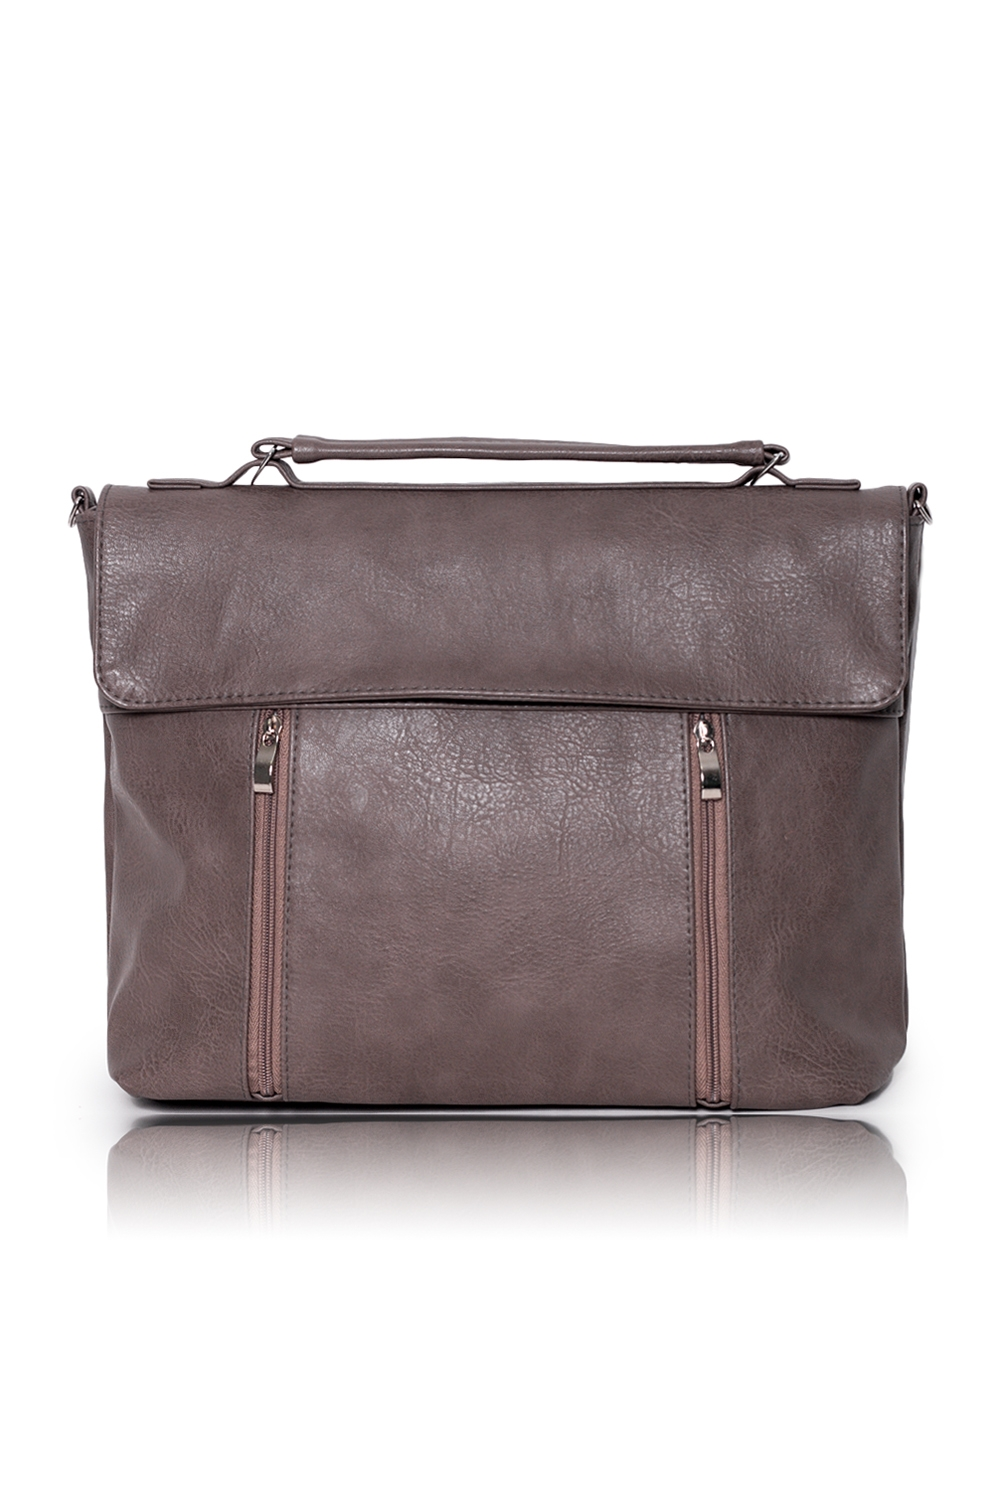 СумкаДеловые<br>Женские сумки бренда DINESSI - это стильные аксессуары, которые по достоинству оценят представительницы прекрасного пола.  Сумка-портфель с широким клапаном и застежкой на молнию. На передней части сумки два кармана с декоративными молниями. На задней части сумки карман на молнии. Внутри 3 отделения (одно из них на молнии), два накладных кармана и карман на молнии.  Цвет: серо-бежевый.  Размеры: Высота - 29 ± 1 см Длина по дну - 34 ± 1 см Глубина - 11 ± 1 см<br><br>Отделения: 3 отделения<br>По материалу: Искусственная кожа<br>По размеру: Средние<br>По рисунку: Однотонные<br>По способу ношения: В руках,На запастье,На плечо,Через плечо<br>По степени жесткости: Мягкие<br>По типу застежки: С застежкой молнией,С клапаном<br>По форме: Прямоугольные<br>По элементам: Карман на молнии,Карман под телефон,С отделочной фурнитурой,С ремнями<br>Ручки: Длинные,Короткие,Регулируемые<br>Размер : UNI<br>Материал: Искусственная кожа<br>Количество в наличии: 1